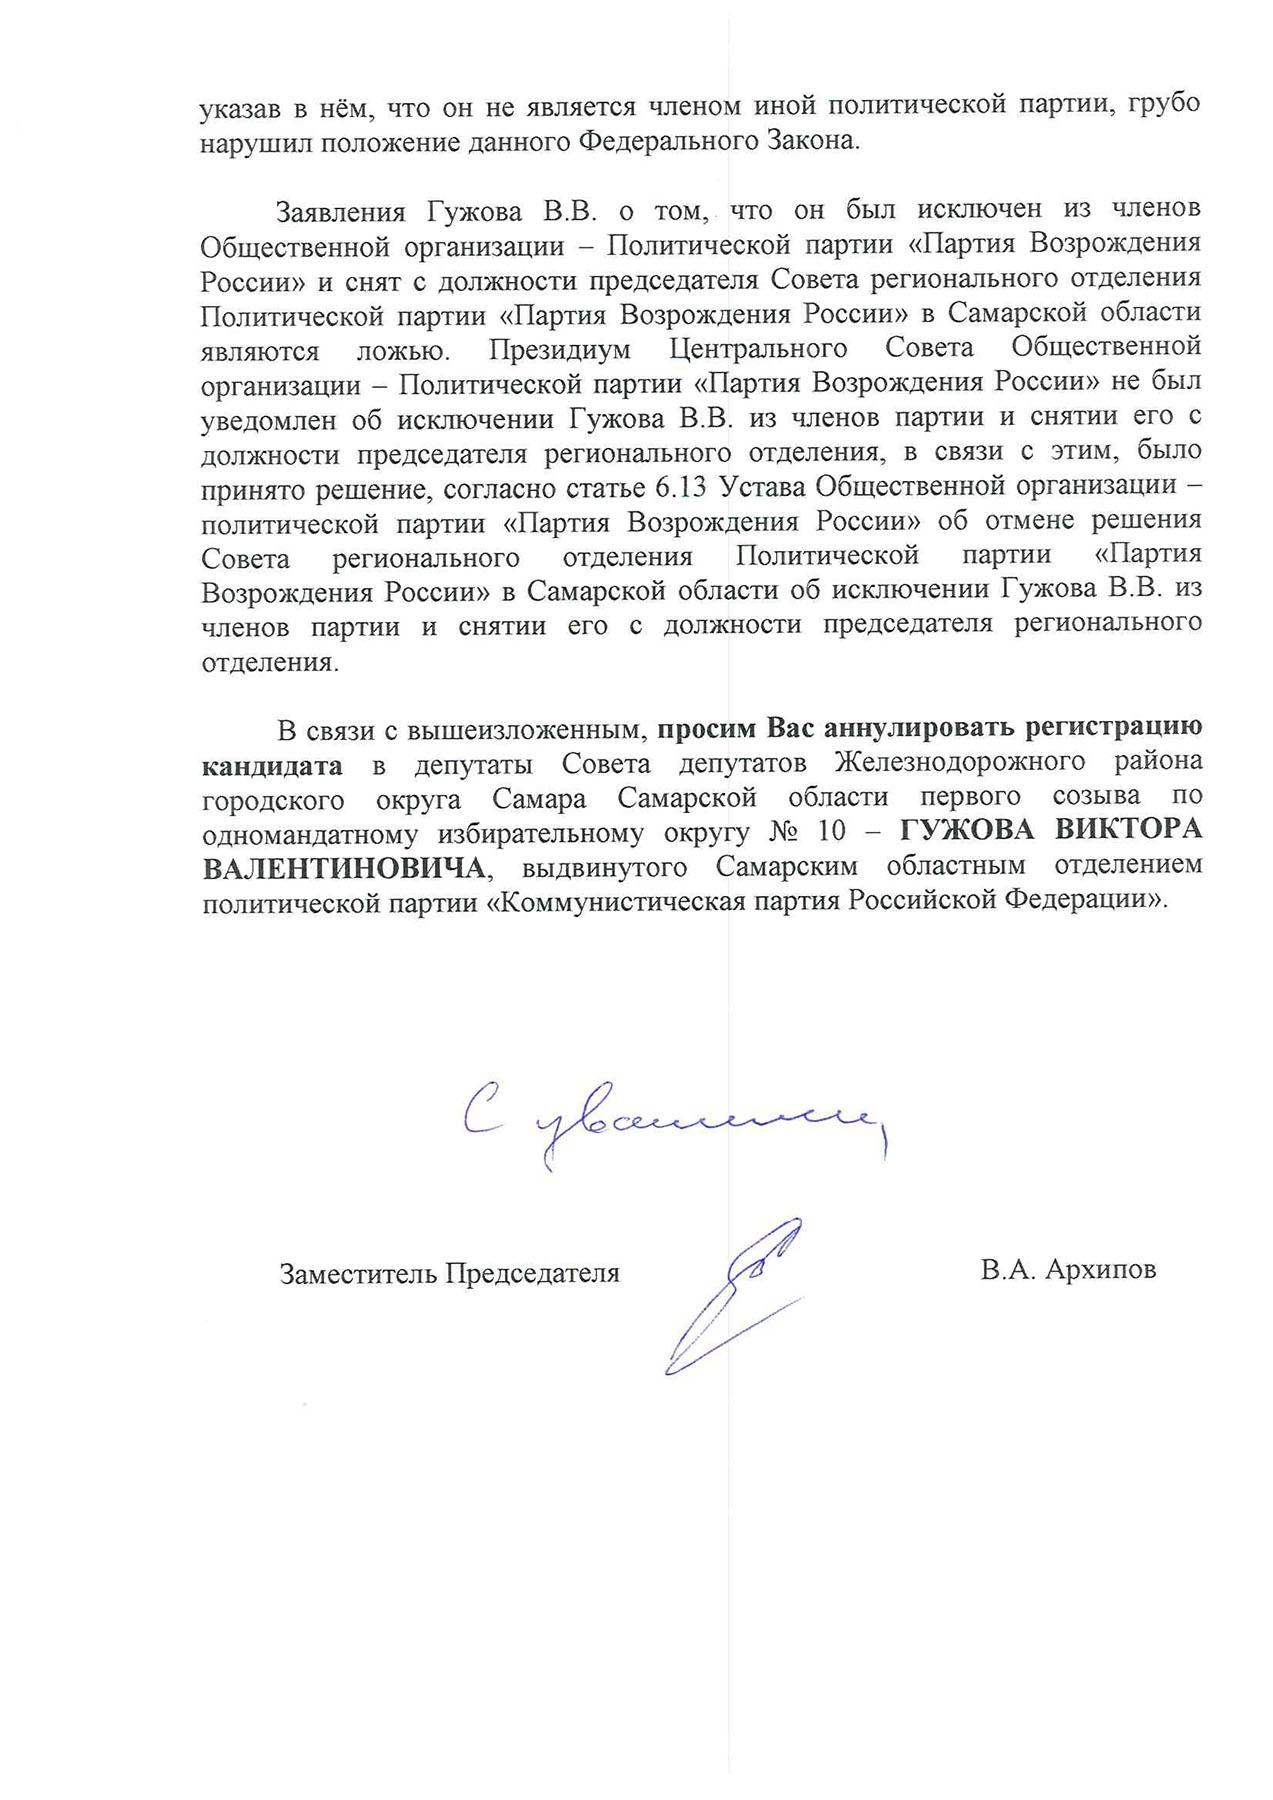 ТИК Самарской обл. лист 12